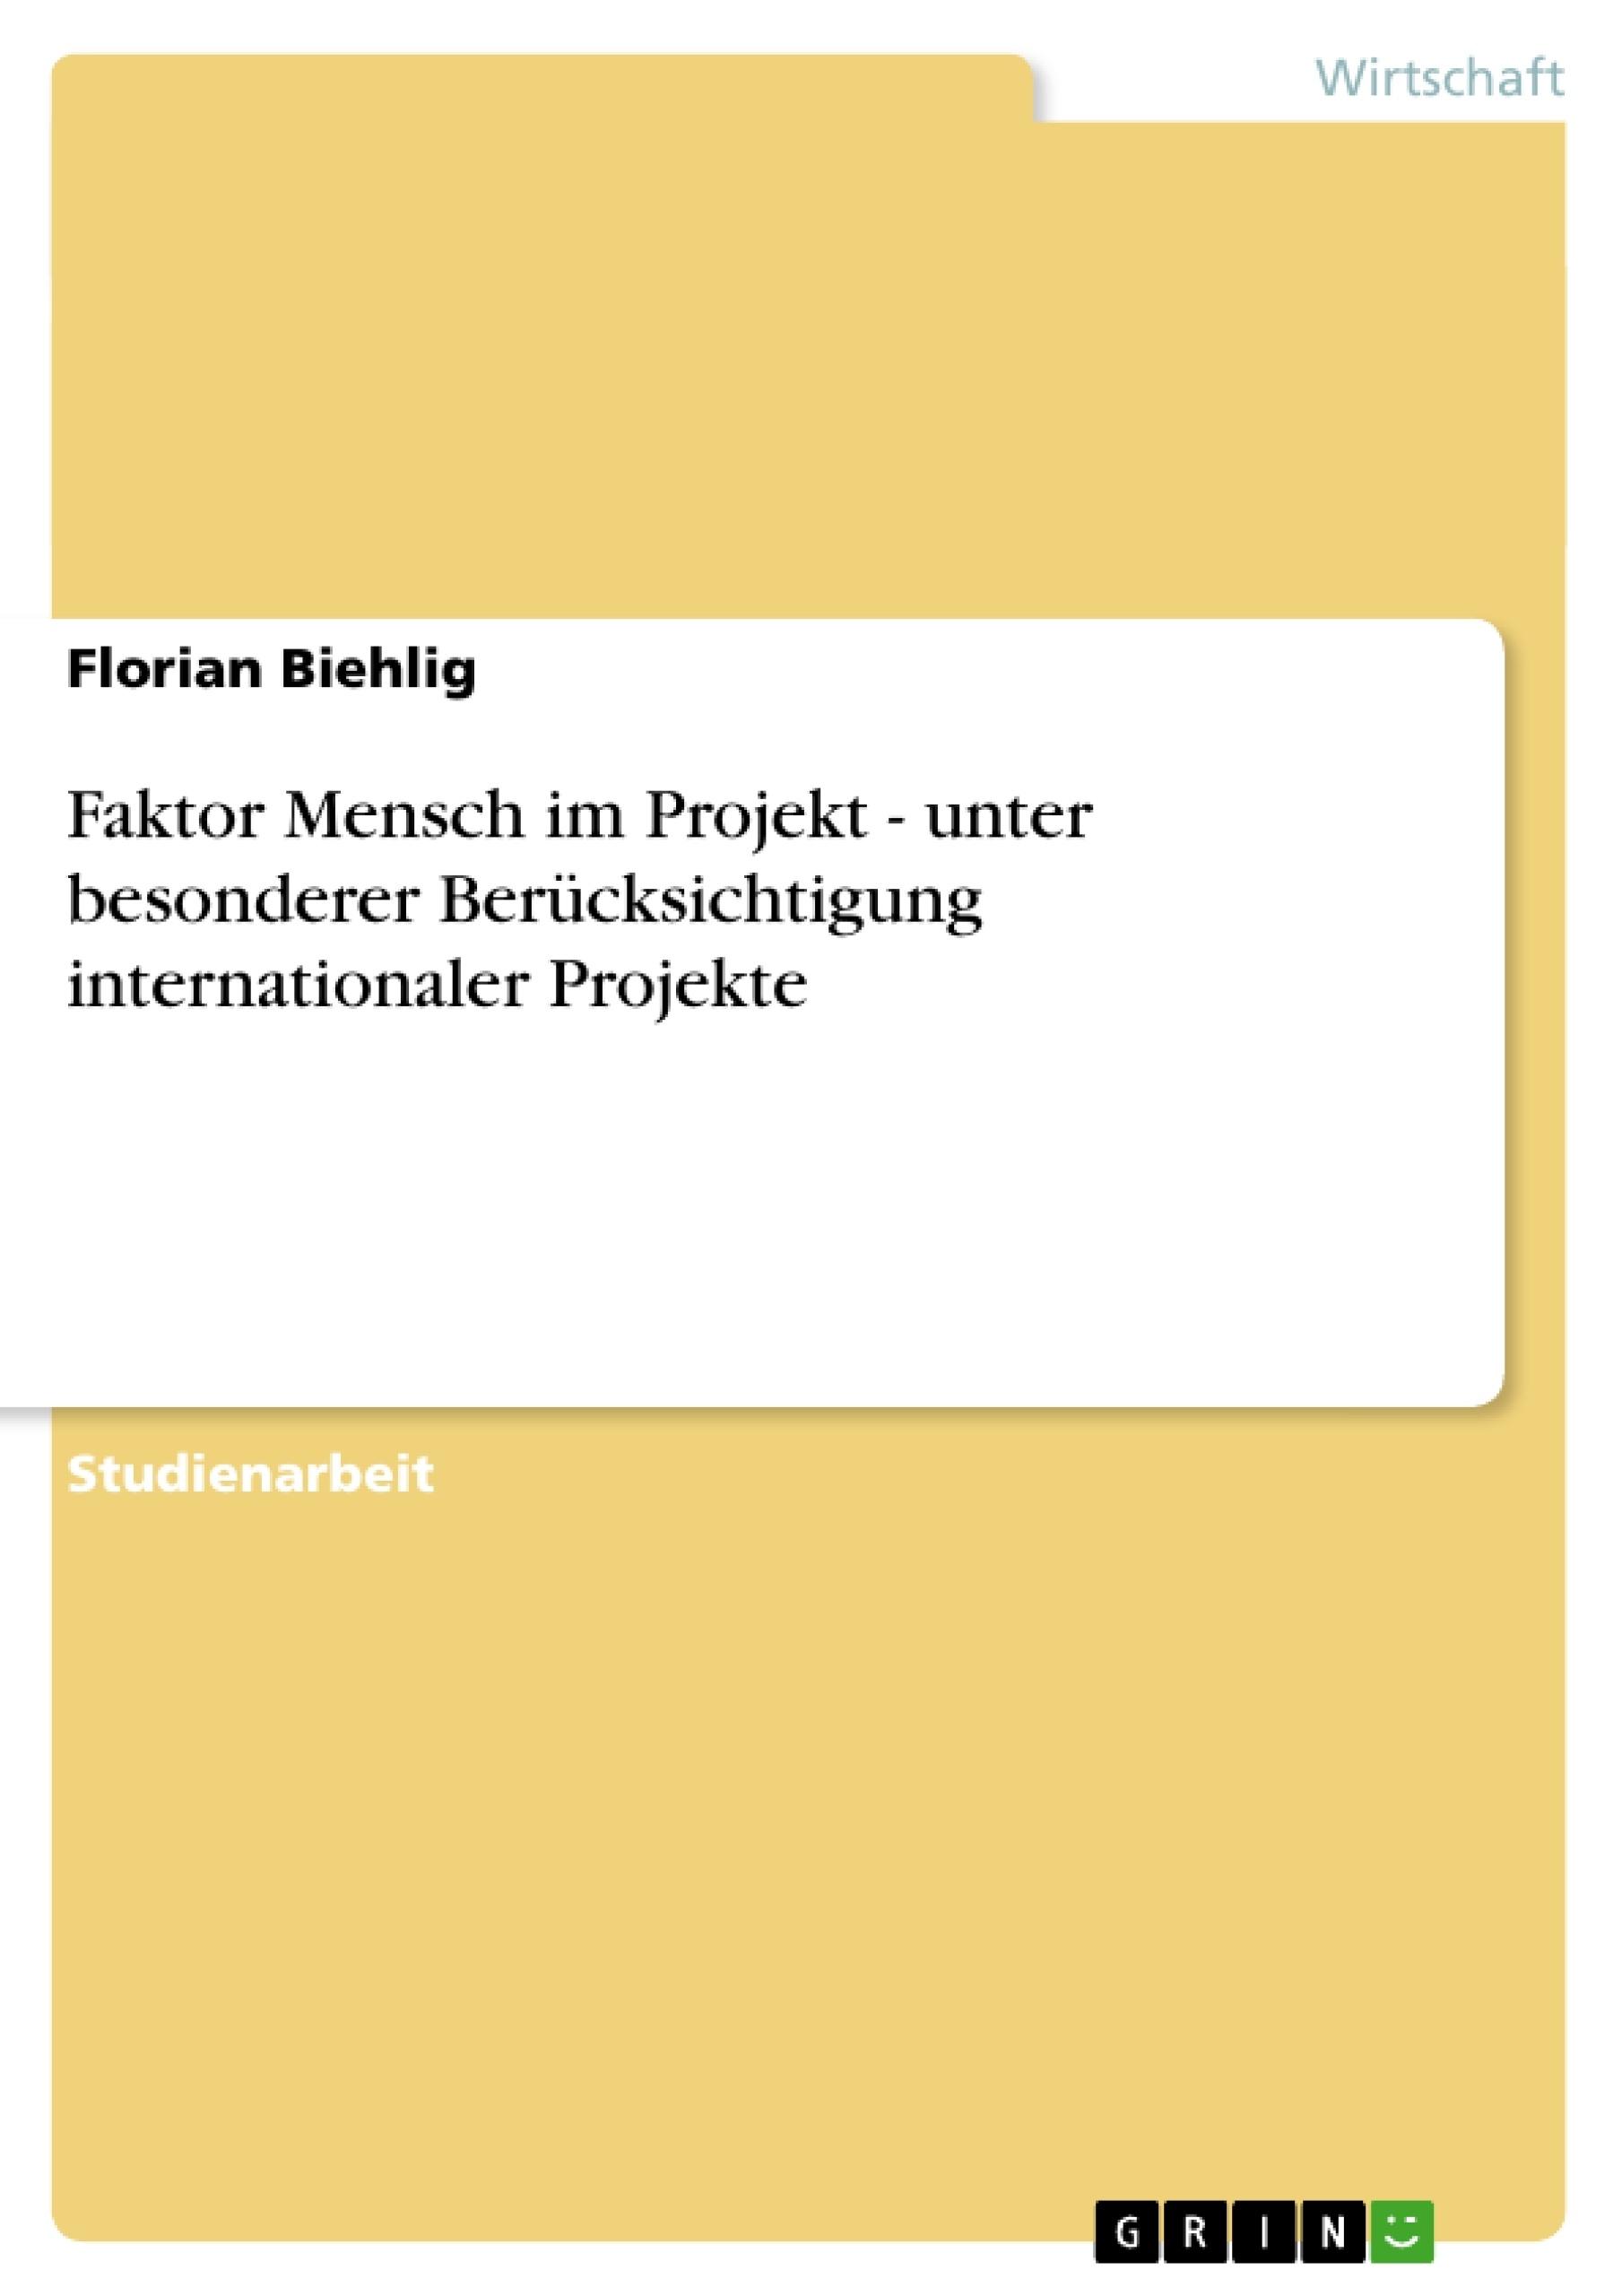 Titel: Faktor Mensch im Projekt - unter besonderer Berücksichtigung internationaler Projekte